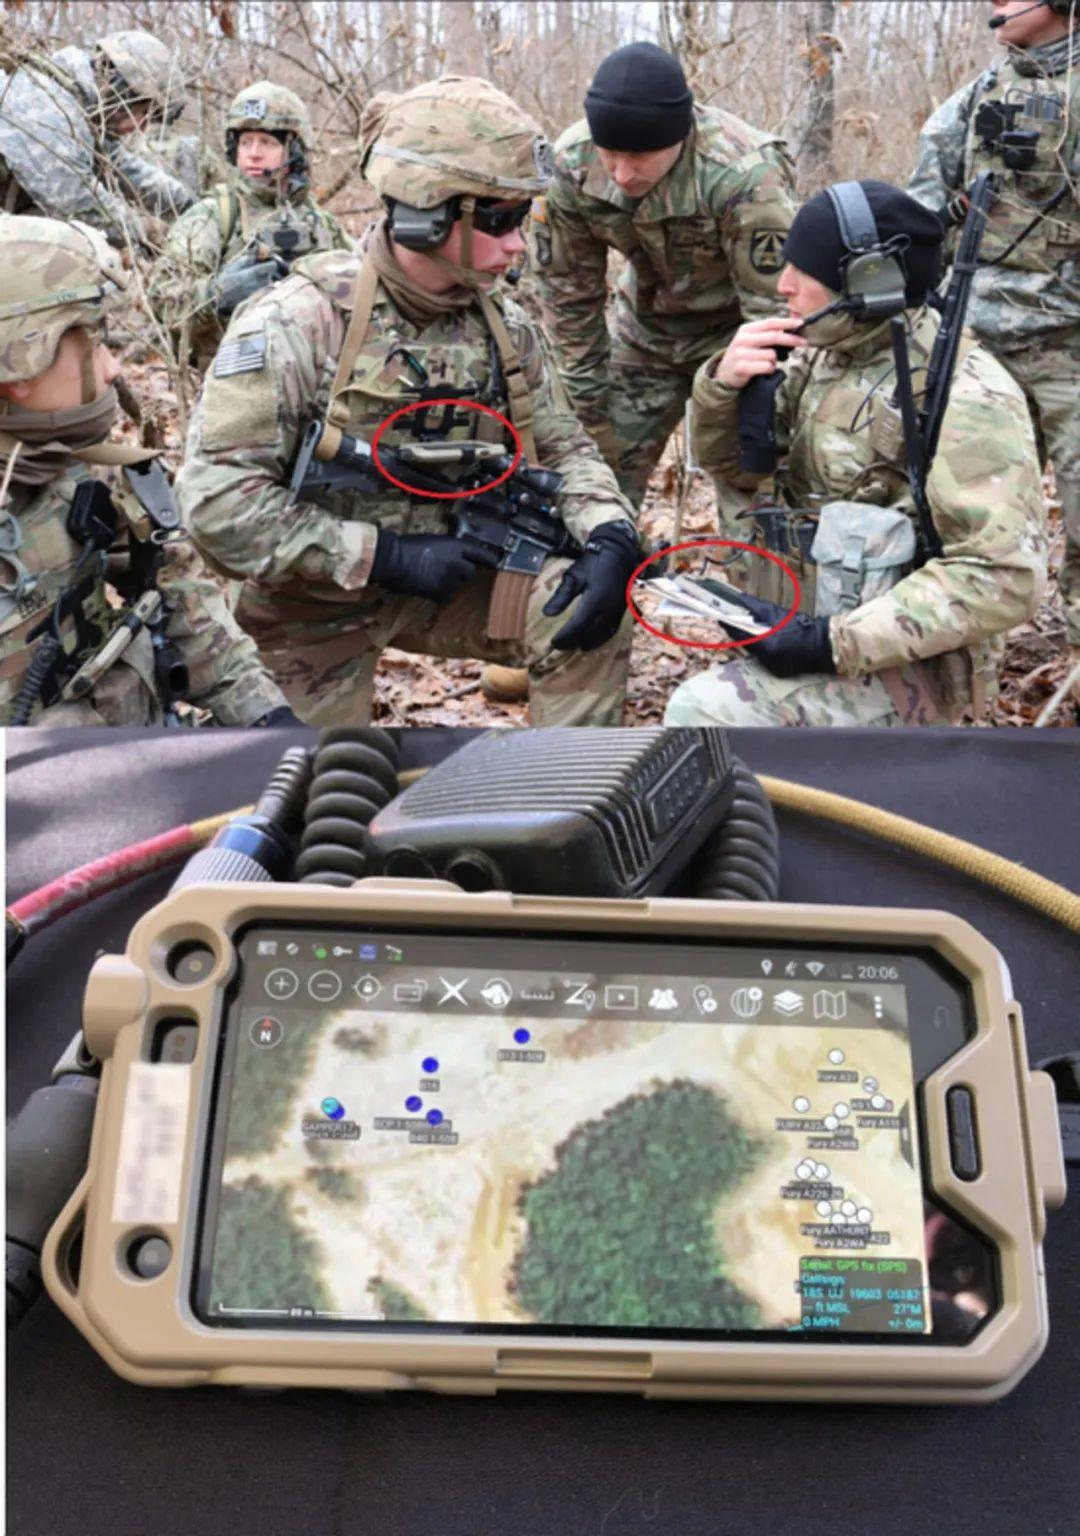 解放军装备单兵信息化系统或已领先美国